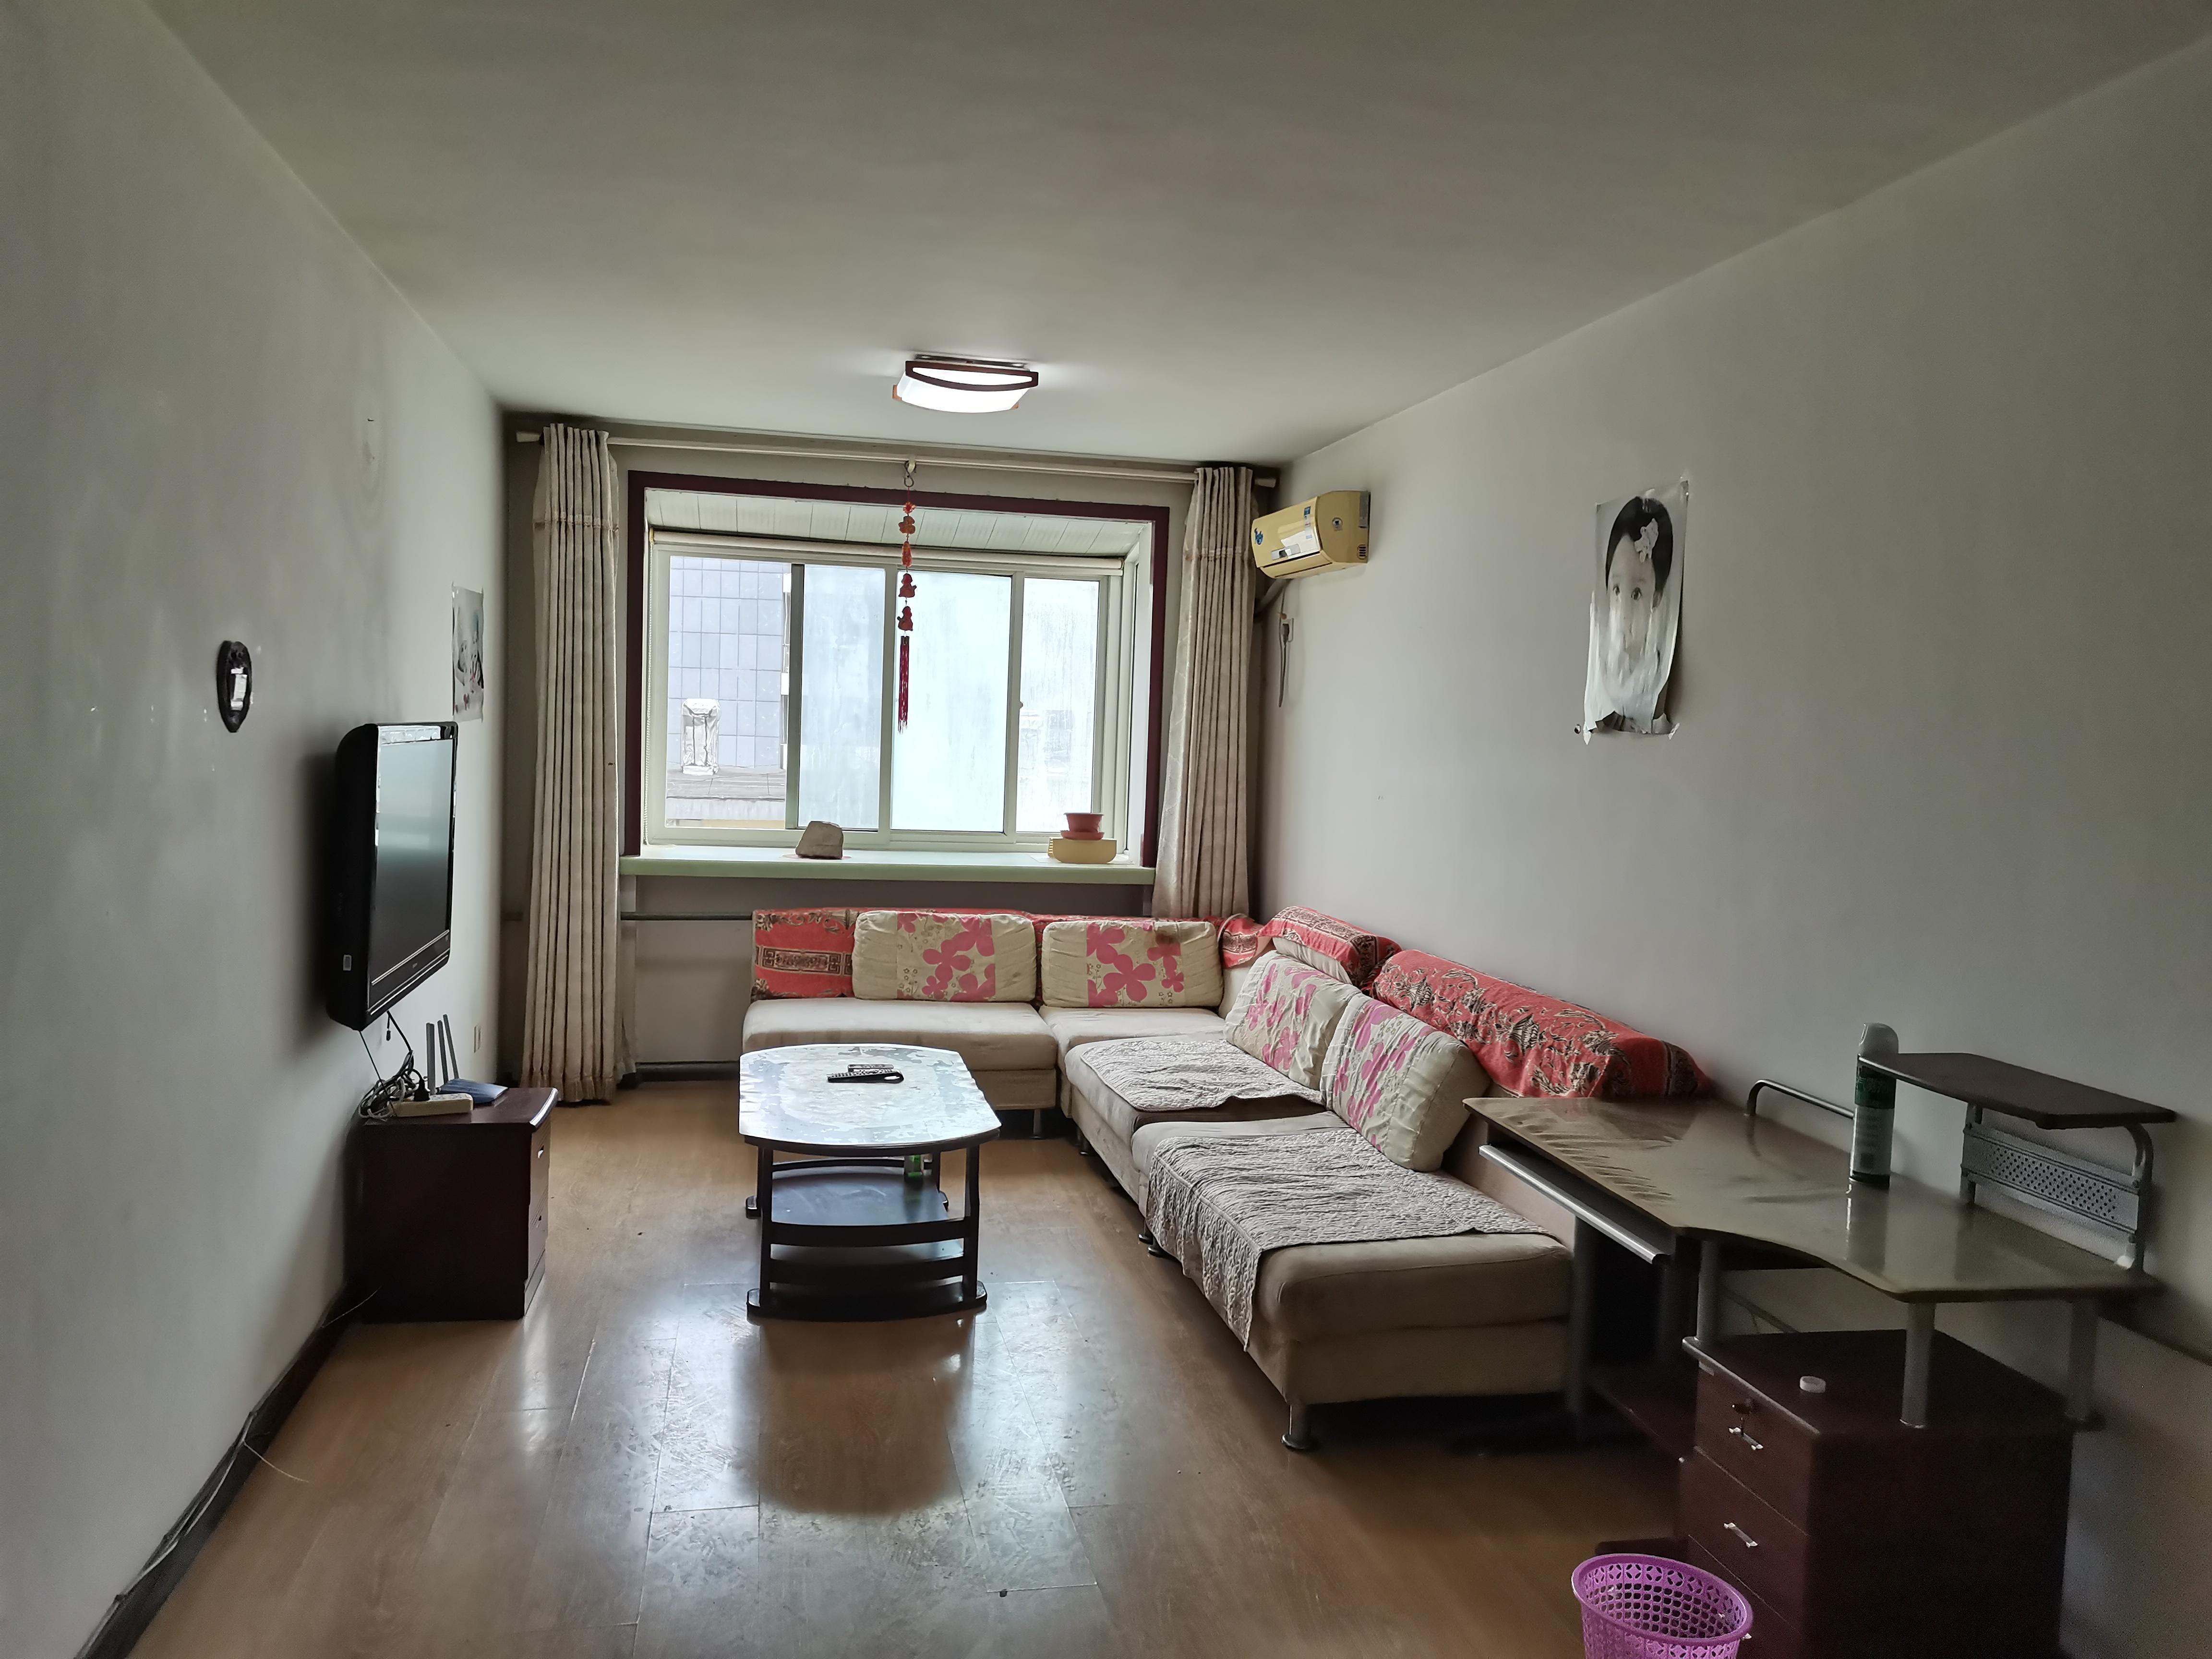 整租·吉屋出租,体院宿舍,拎包入住,月租3200元/月,至少租一年